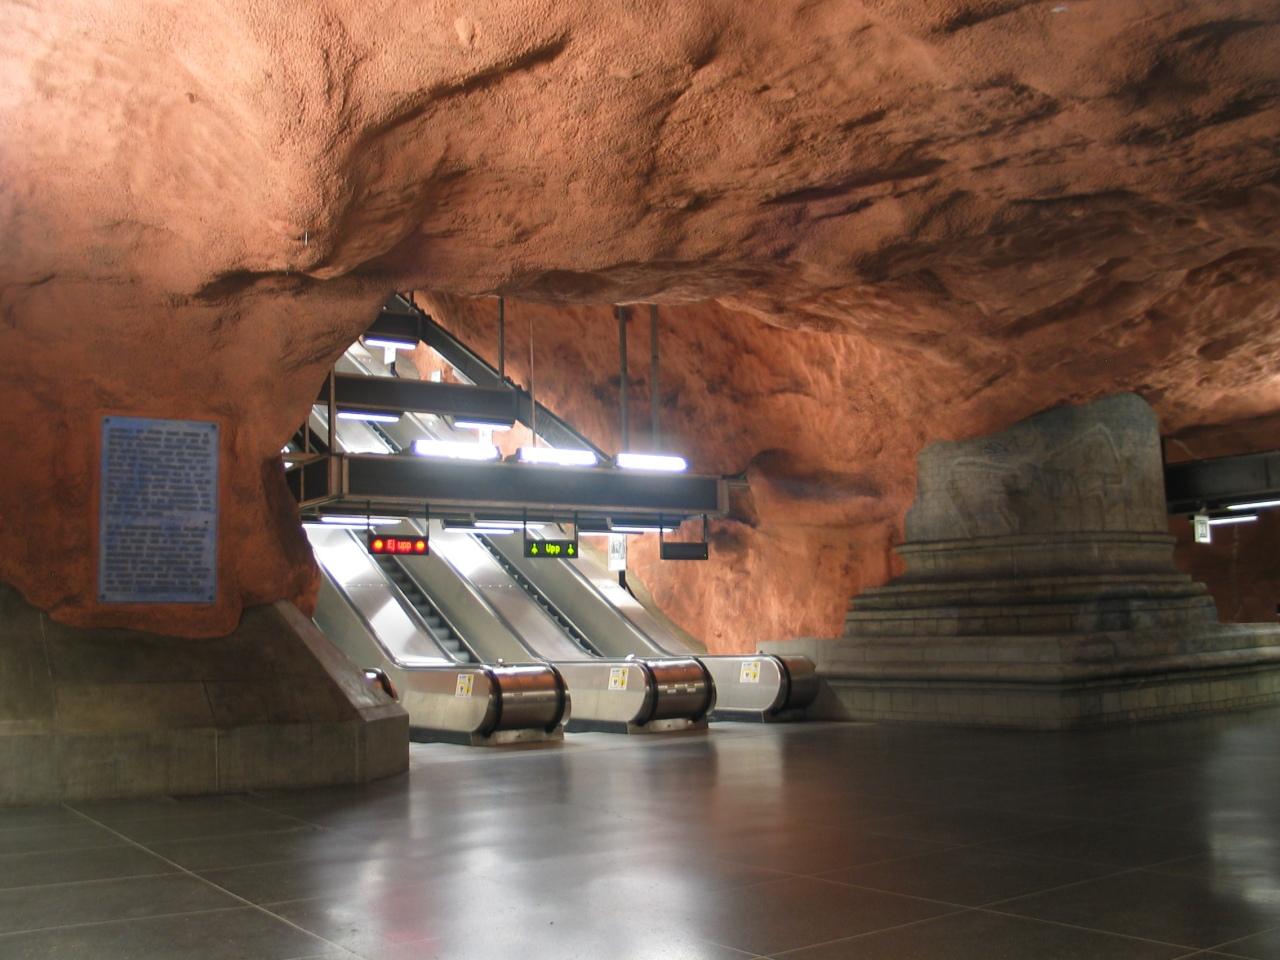 stockholm_subway_radhuset_